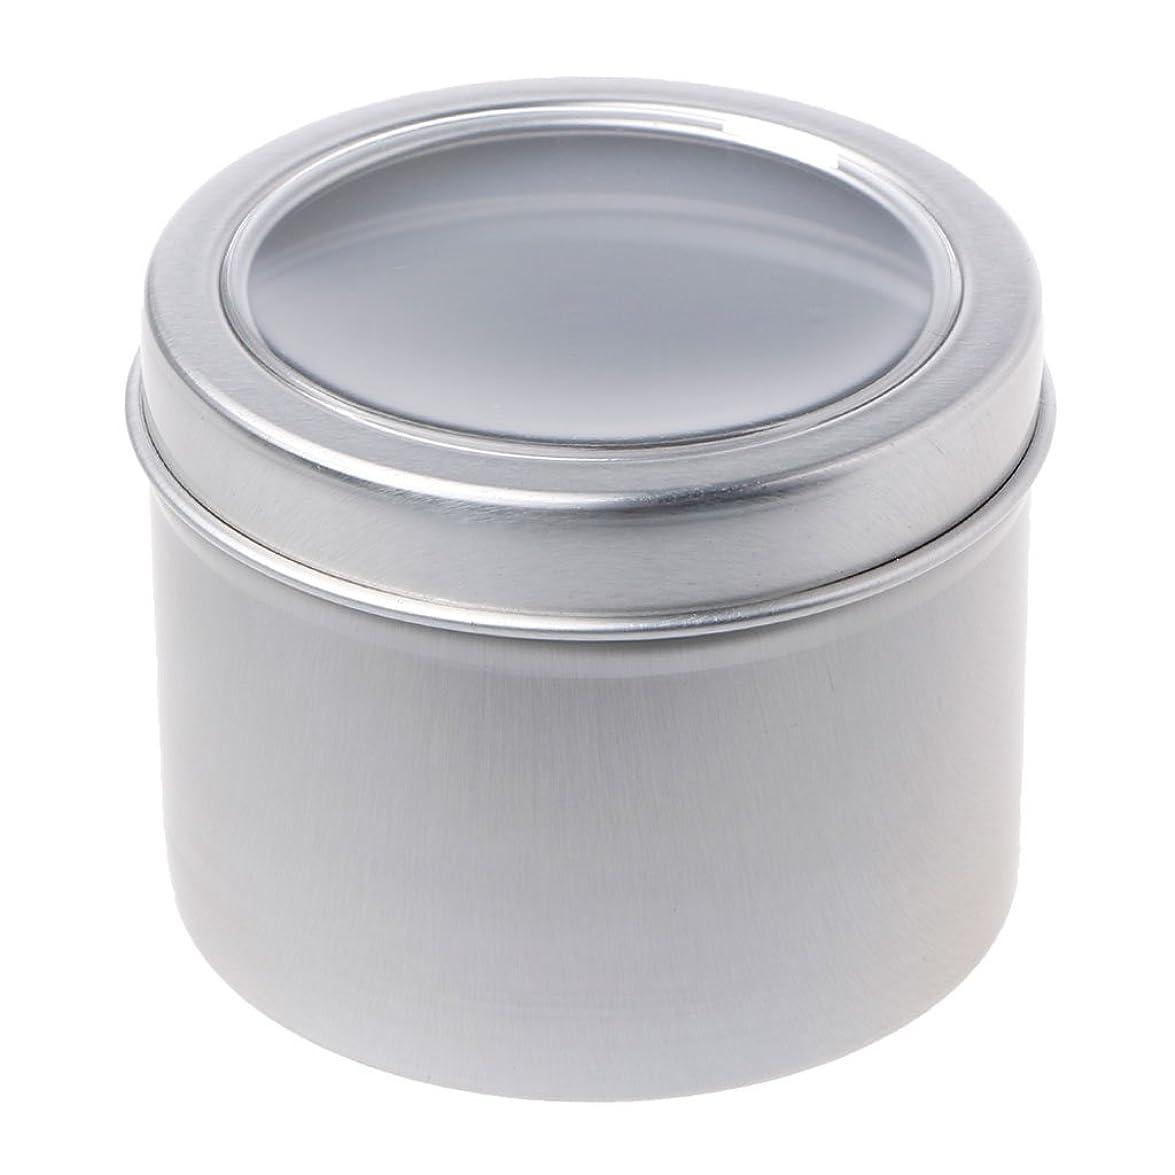 ディスパッチ前投薬調和SimpleLife 60mlラウンドスティンケースコンテナ、蓋が空のクリアウィンドウスイング、蓋付き、スモールガジェット、DIYリップバーム - スパイスケース、アルミ容器ボックス/ミニポケットサイズの缶